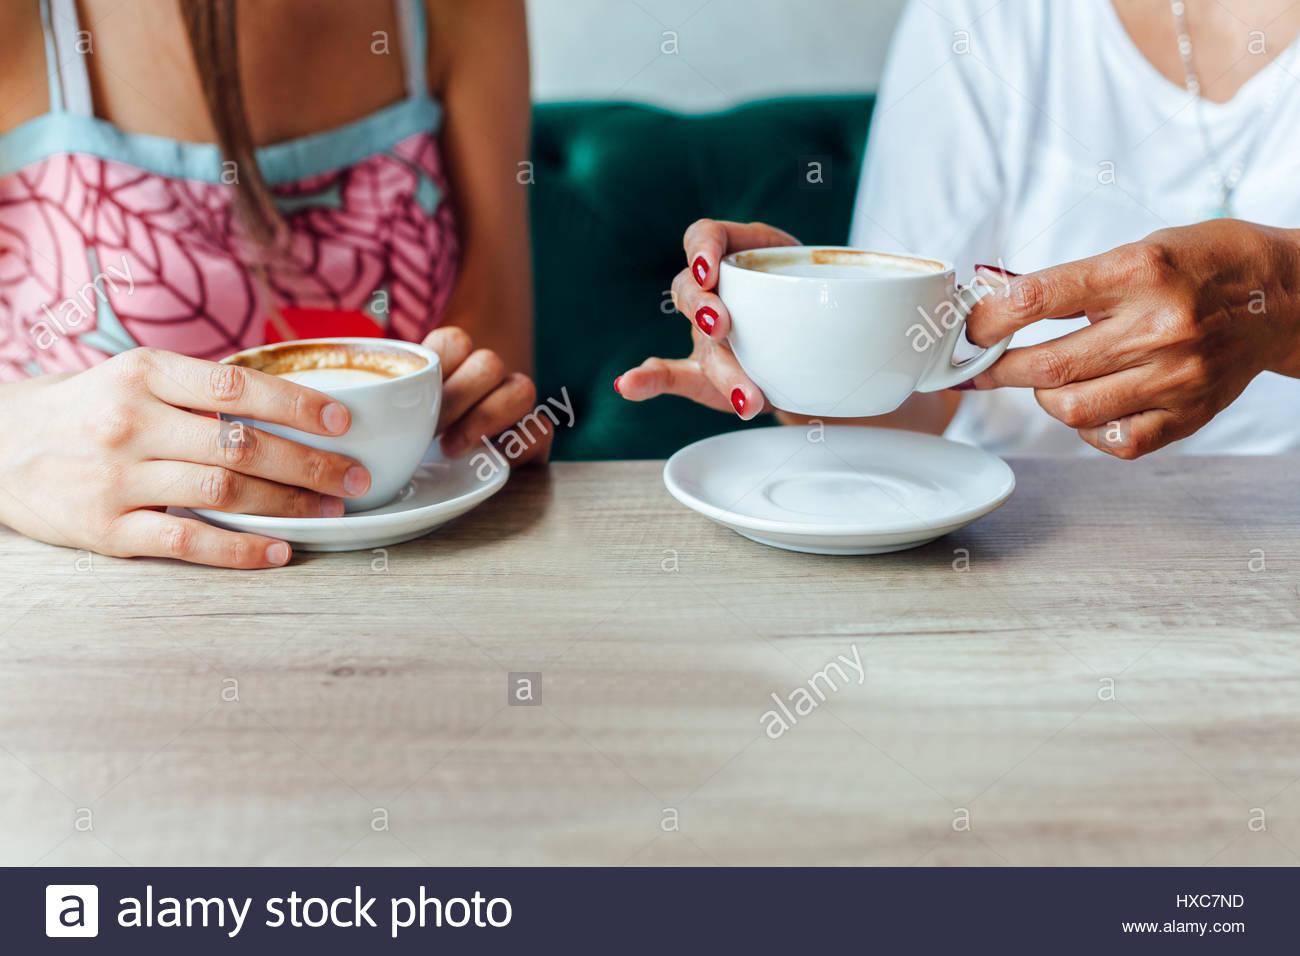 Mutter und Tochter genießen Sie den Geruch und Geschmack von Kaffee in Nahaufnahme Stockbild